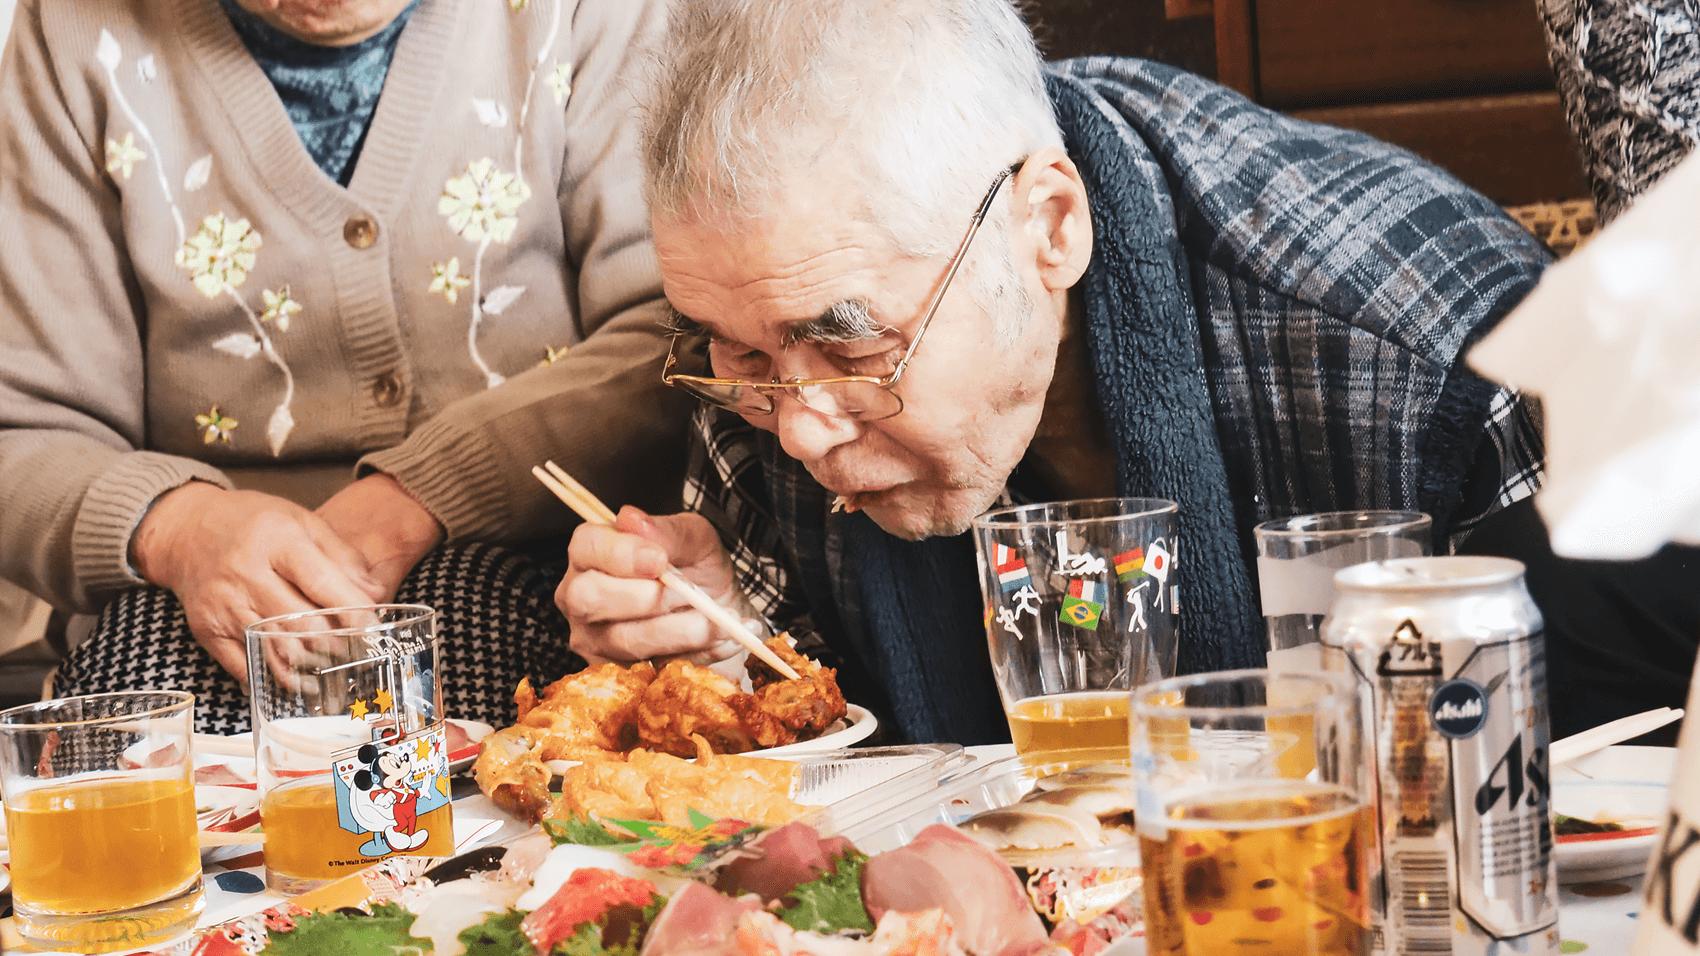 ケンタッキーを食べるおじいちゃん